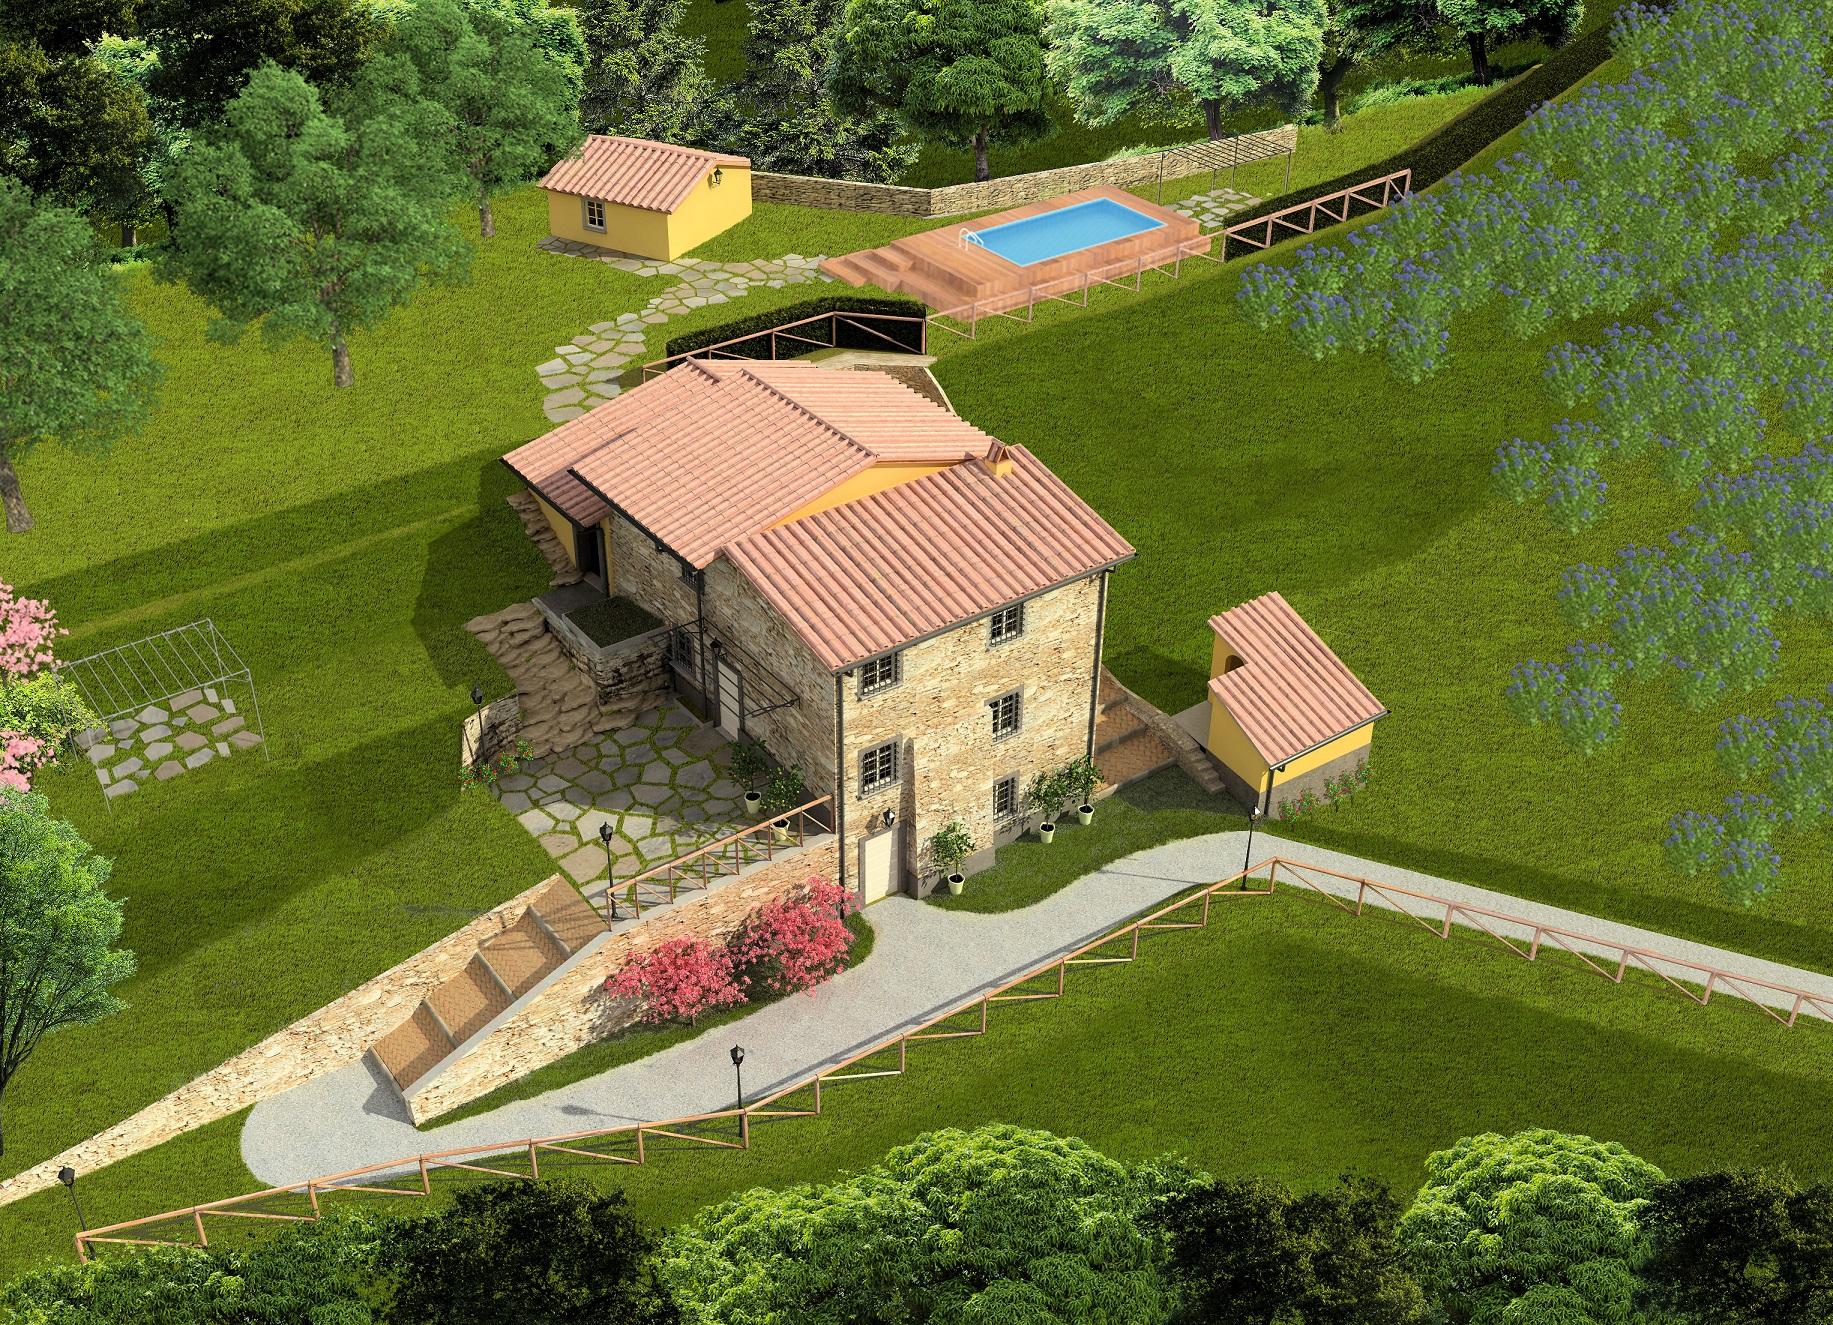 Rustico / Casale in vendita a Lucca, 9 locali, zona Zona: Pozzuolo, prezzo € 590.000 | CambioCasa.it